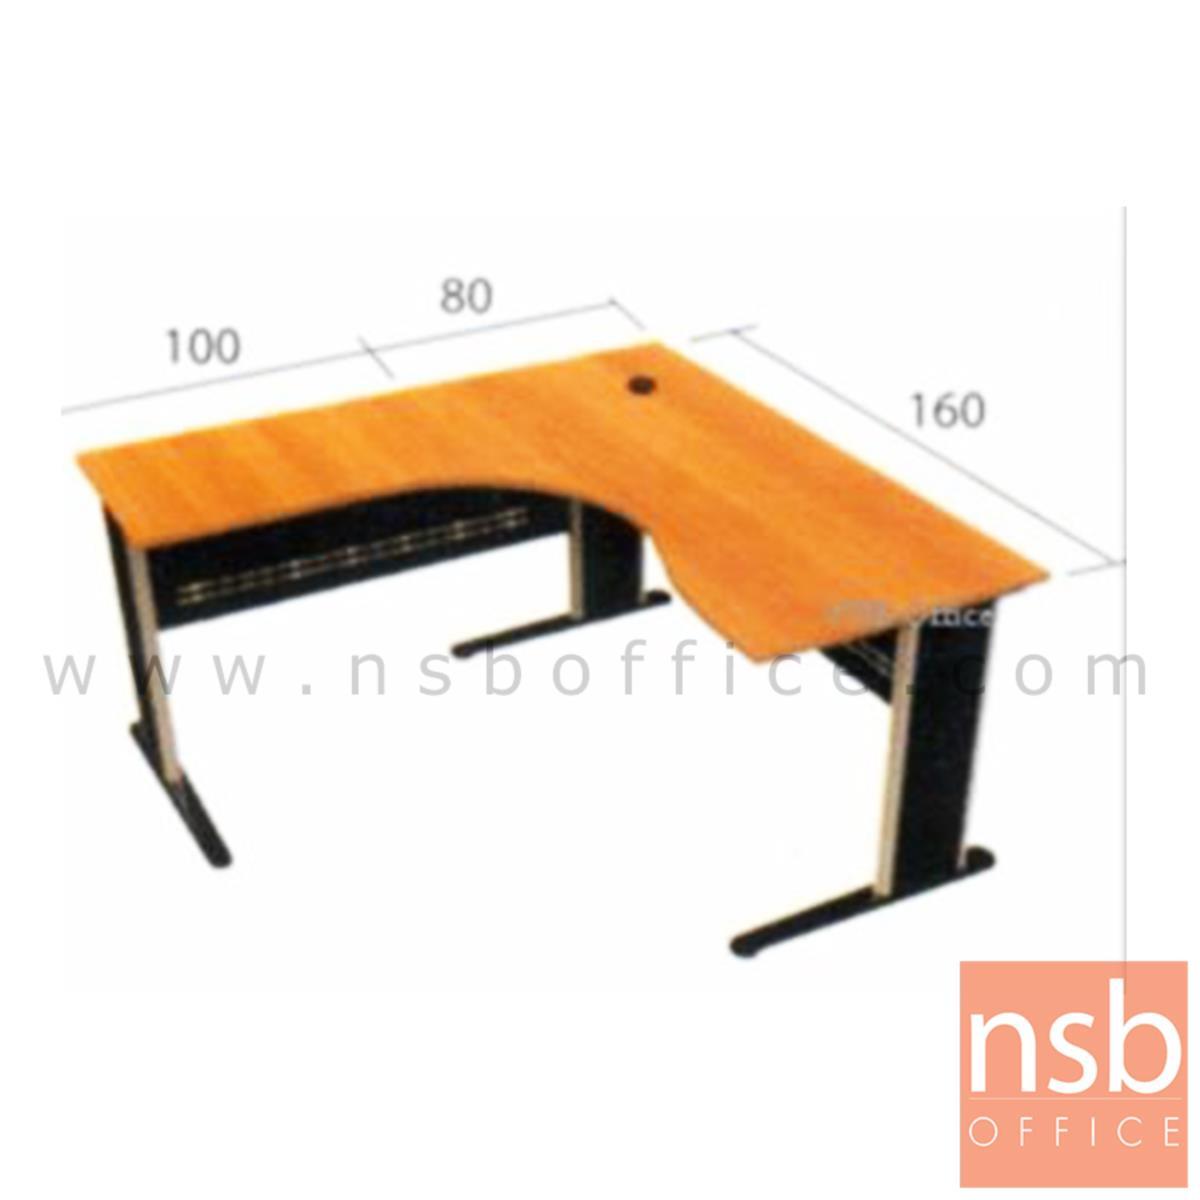 โต๊ะผู้บริหารตัวแอลหน้าโค้งเว้า  รุ่น Andorian ขนาด 160W1 ,180W1*180W2 cm.  ขาเหล็ก